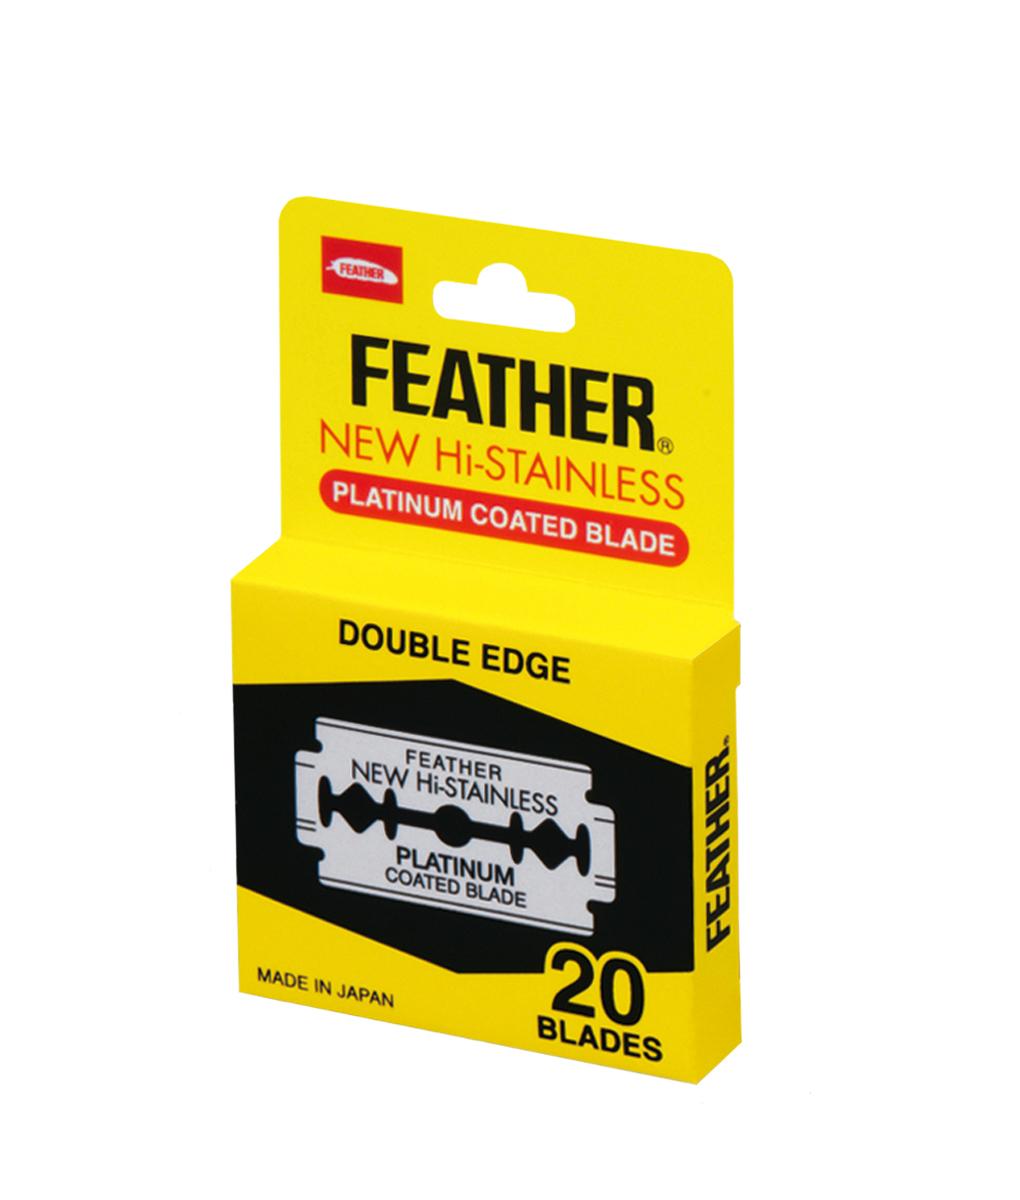 Feather Двусторонние лезвия 81S-2, 20 штукGE0701Обоюдоострые лезвия из высококлассной нержавеющей стали с платиновым покрытием. В диспенсере 20 лезвий. Подходят не только для бритв Feather.